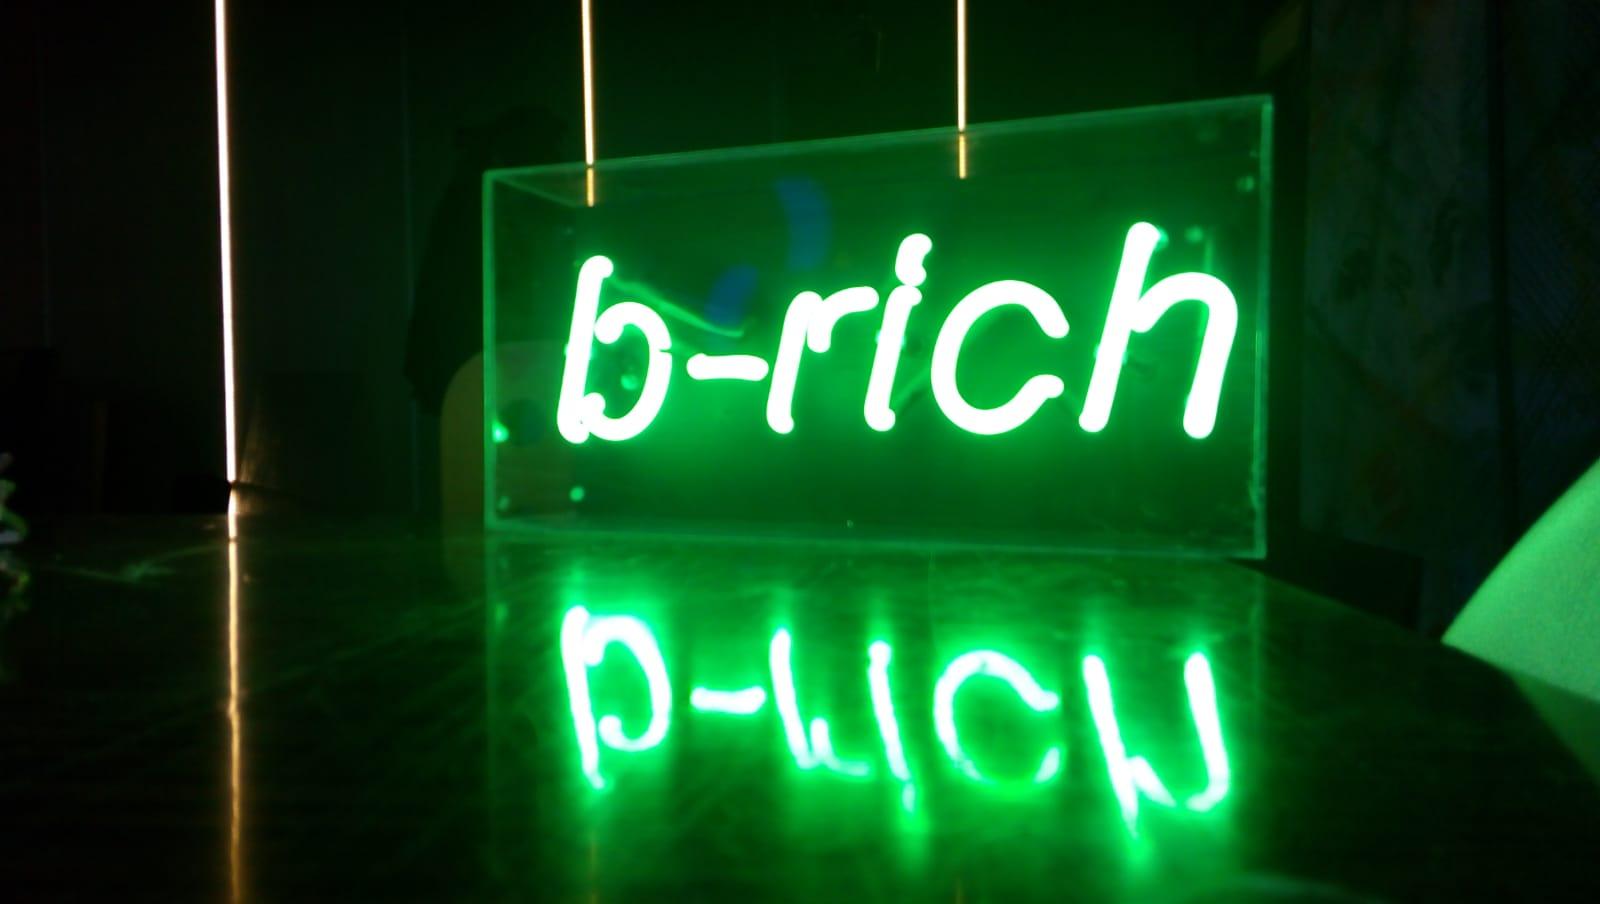 B-rich - Neon-tabela (3)